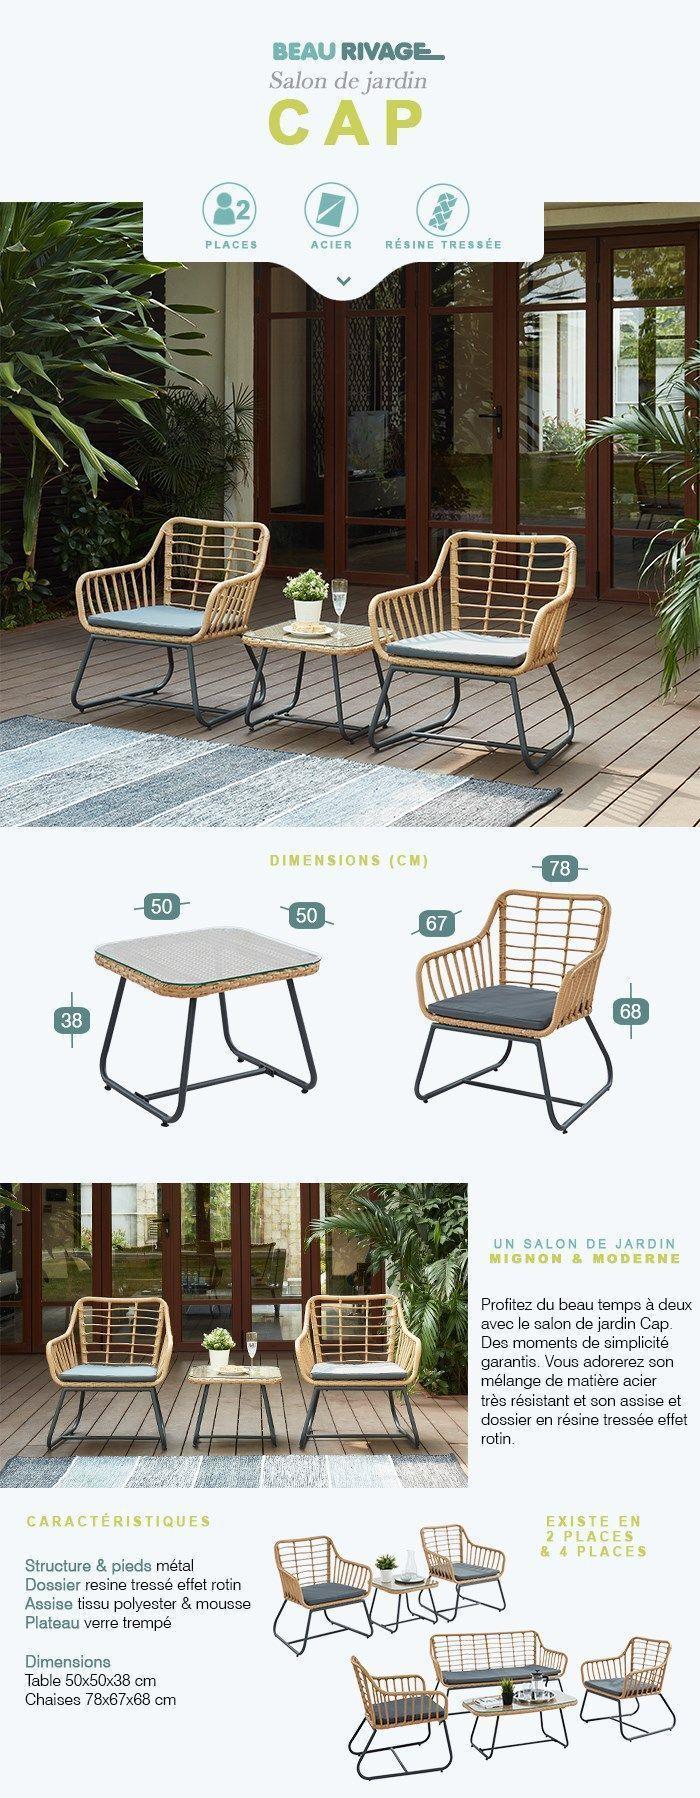 CAP Salon de jardin 2 places en résine imitation rotin avec 2 fauteuils  coussins gris + table basse